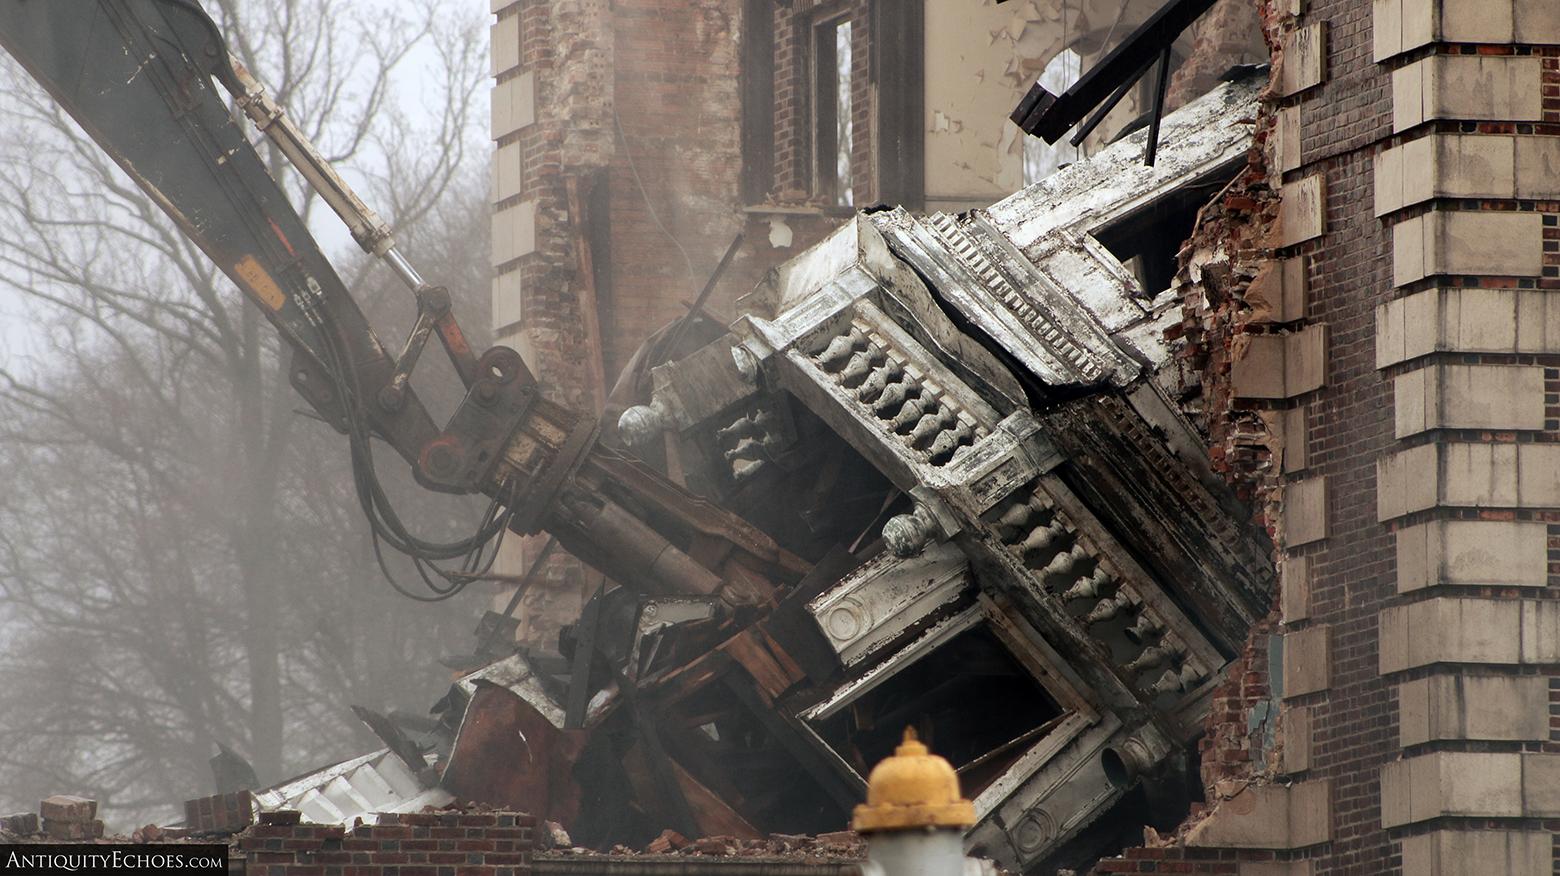 Allentown State Hospital - Demolition - Fallen Spire Detail